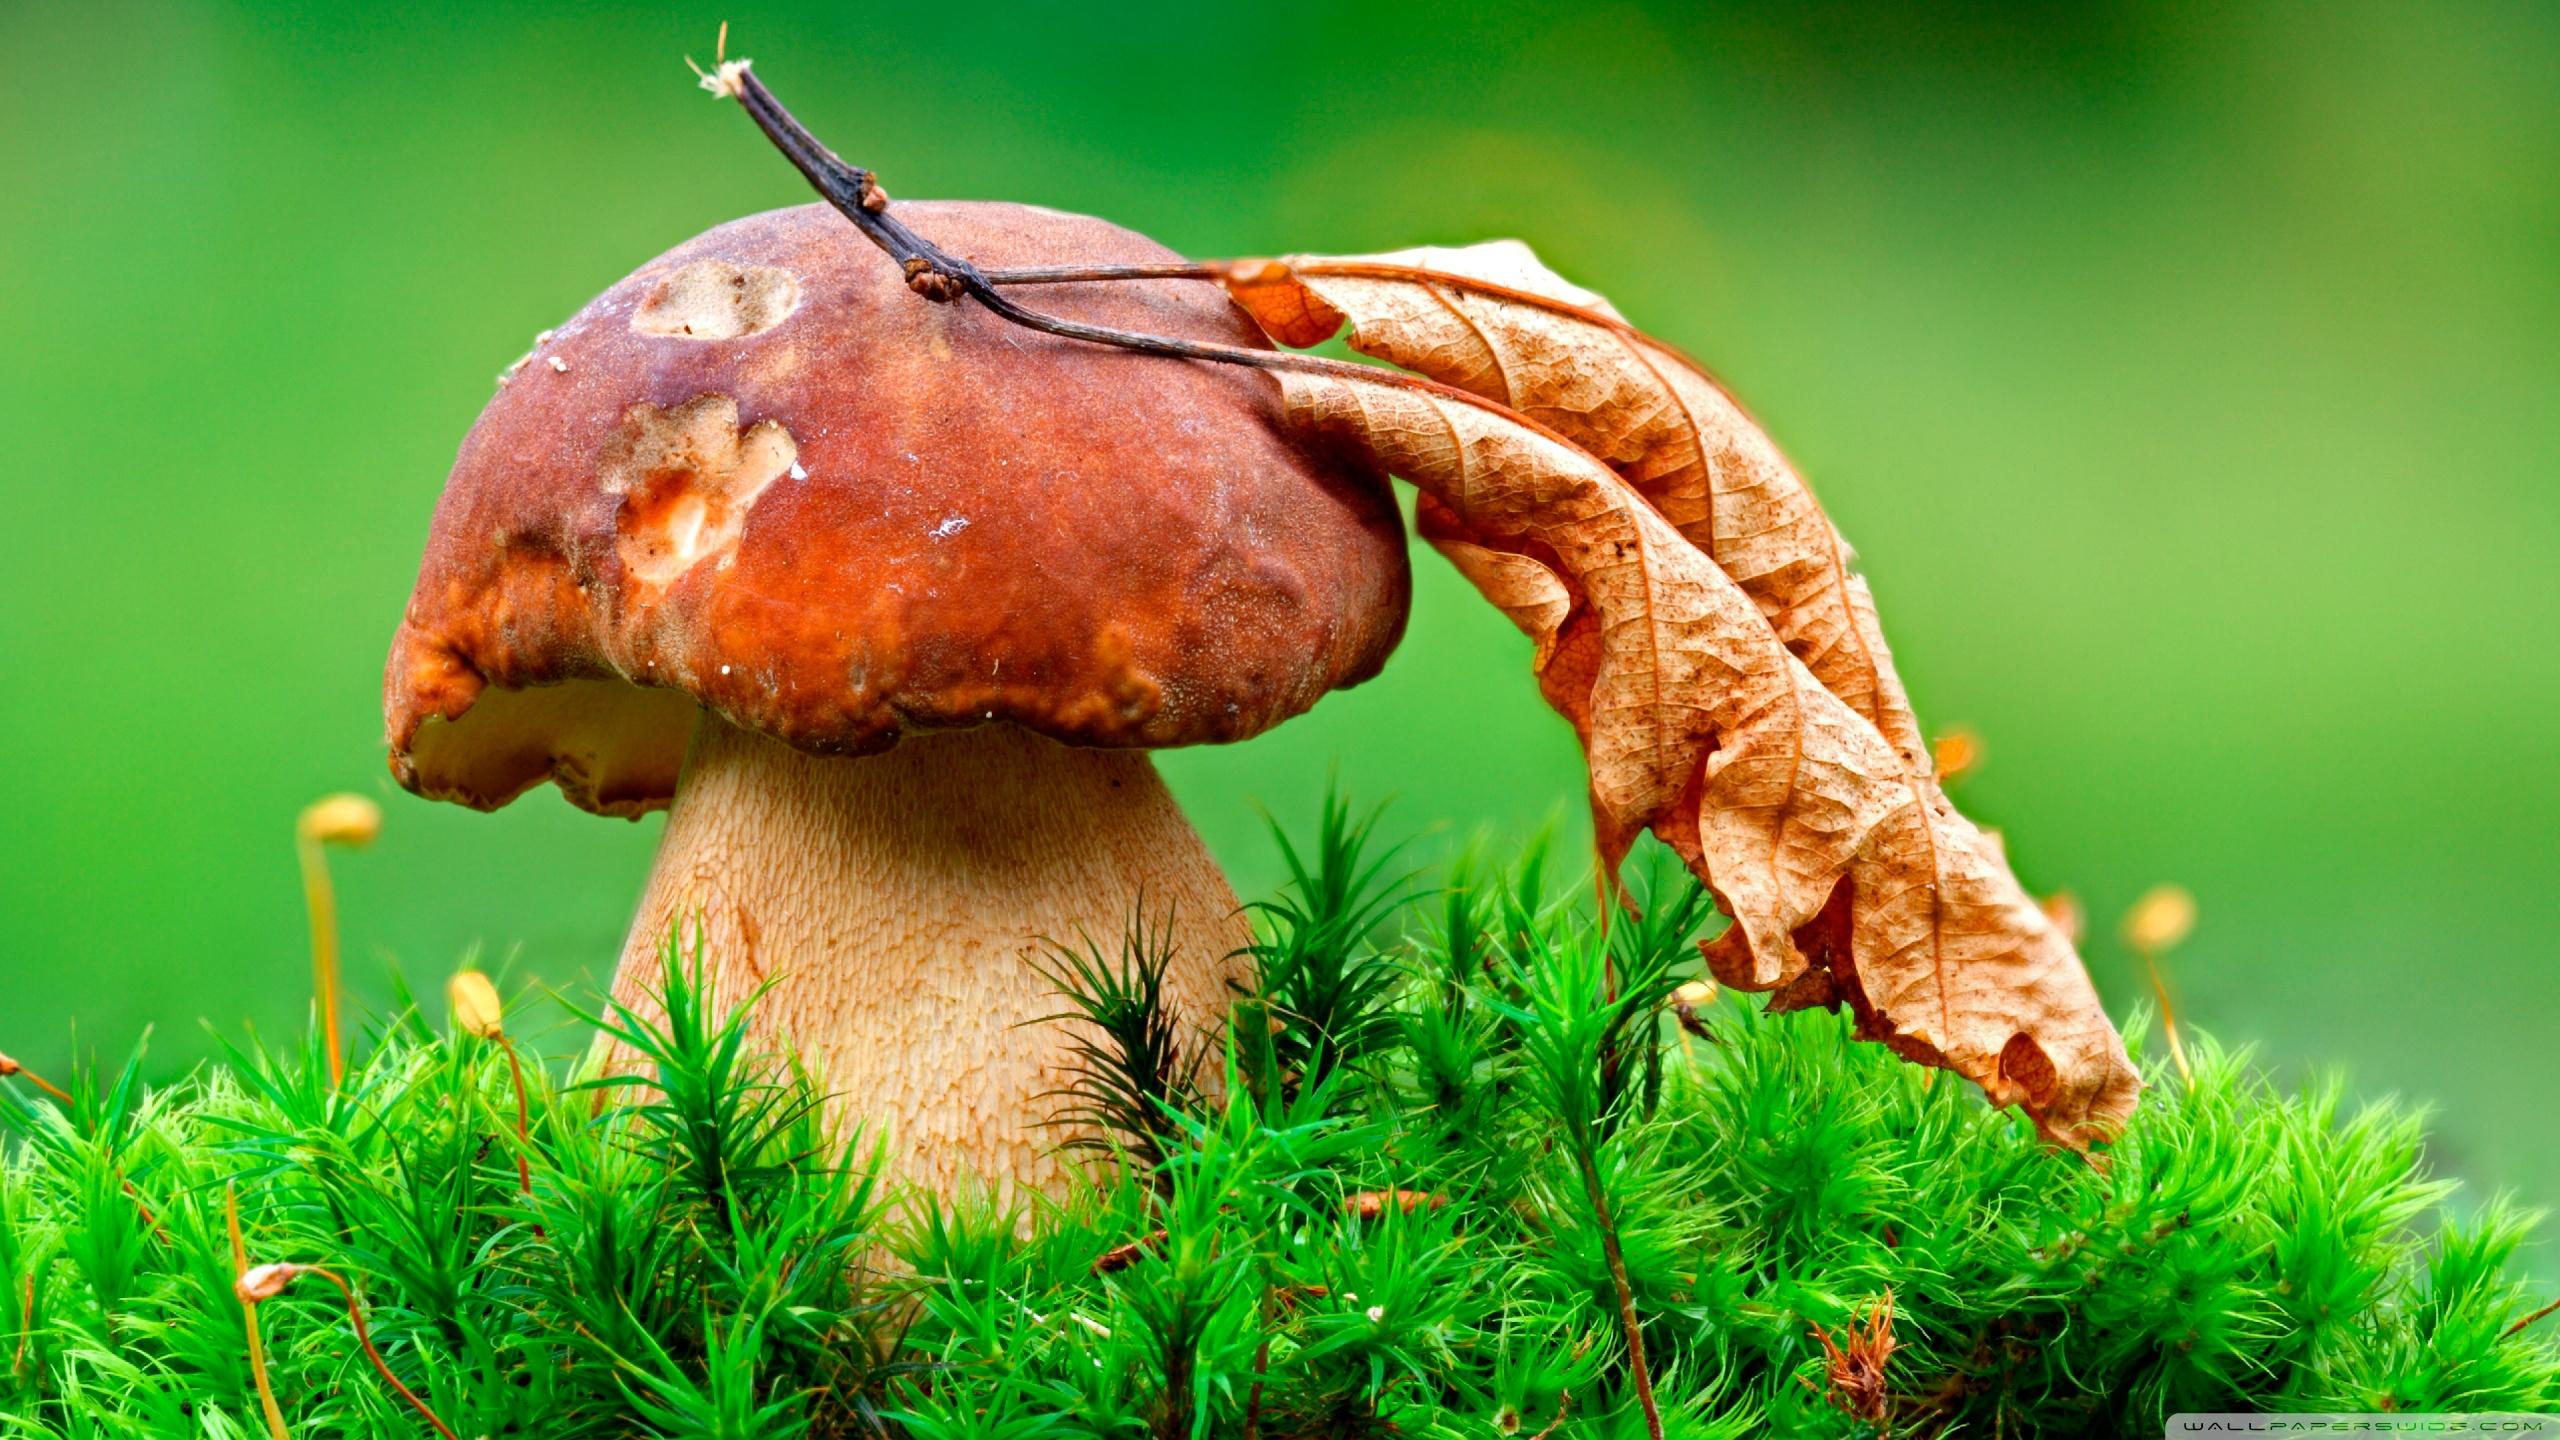 Mushroom Wallpaper HD